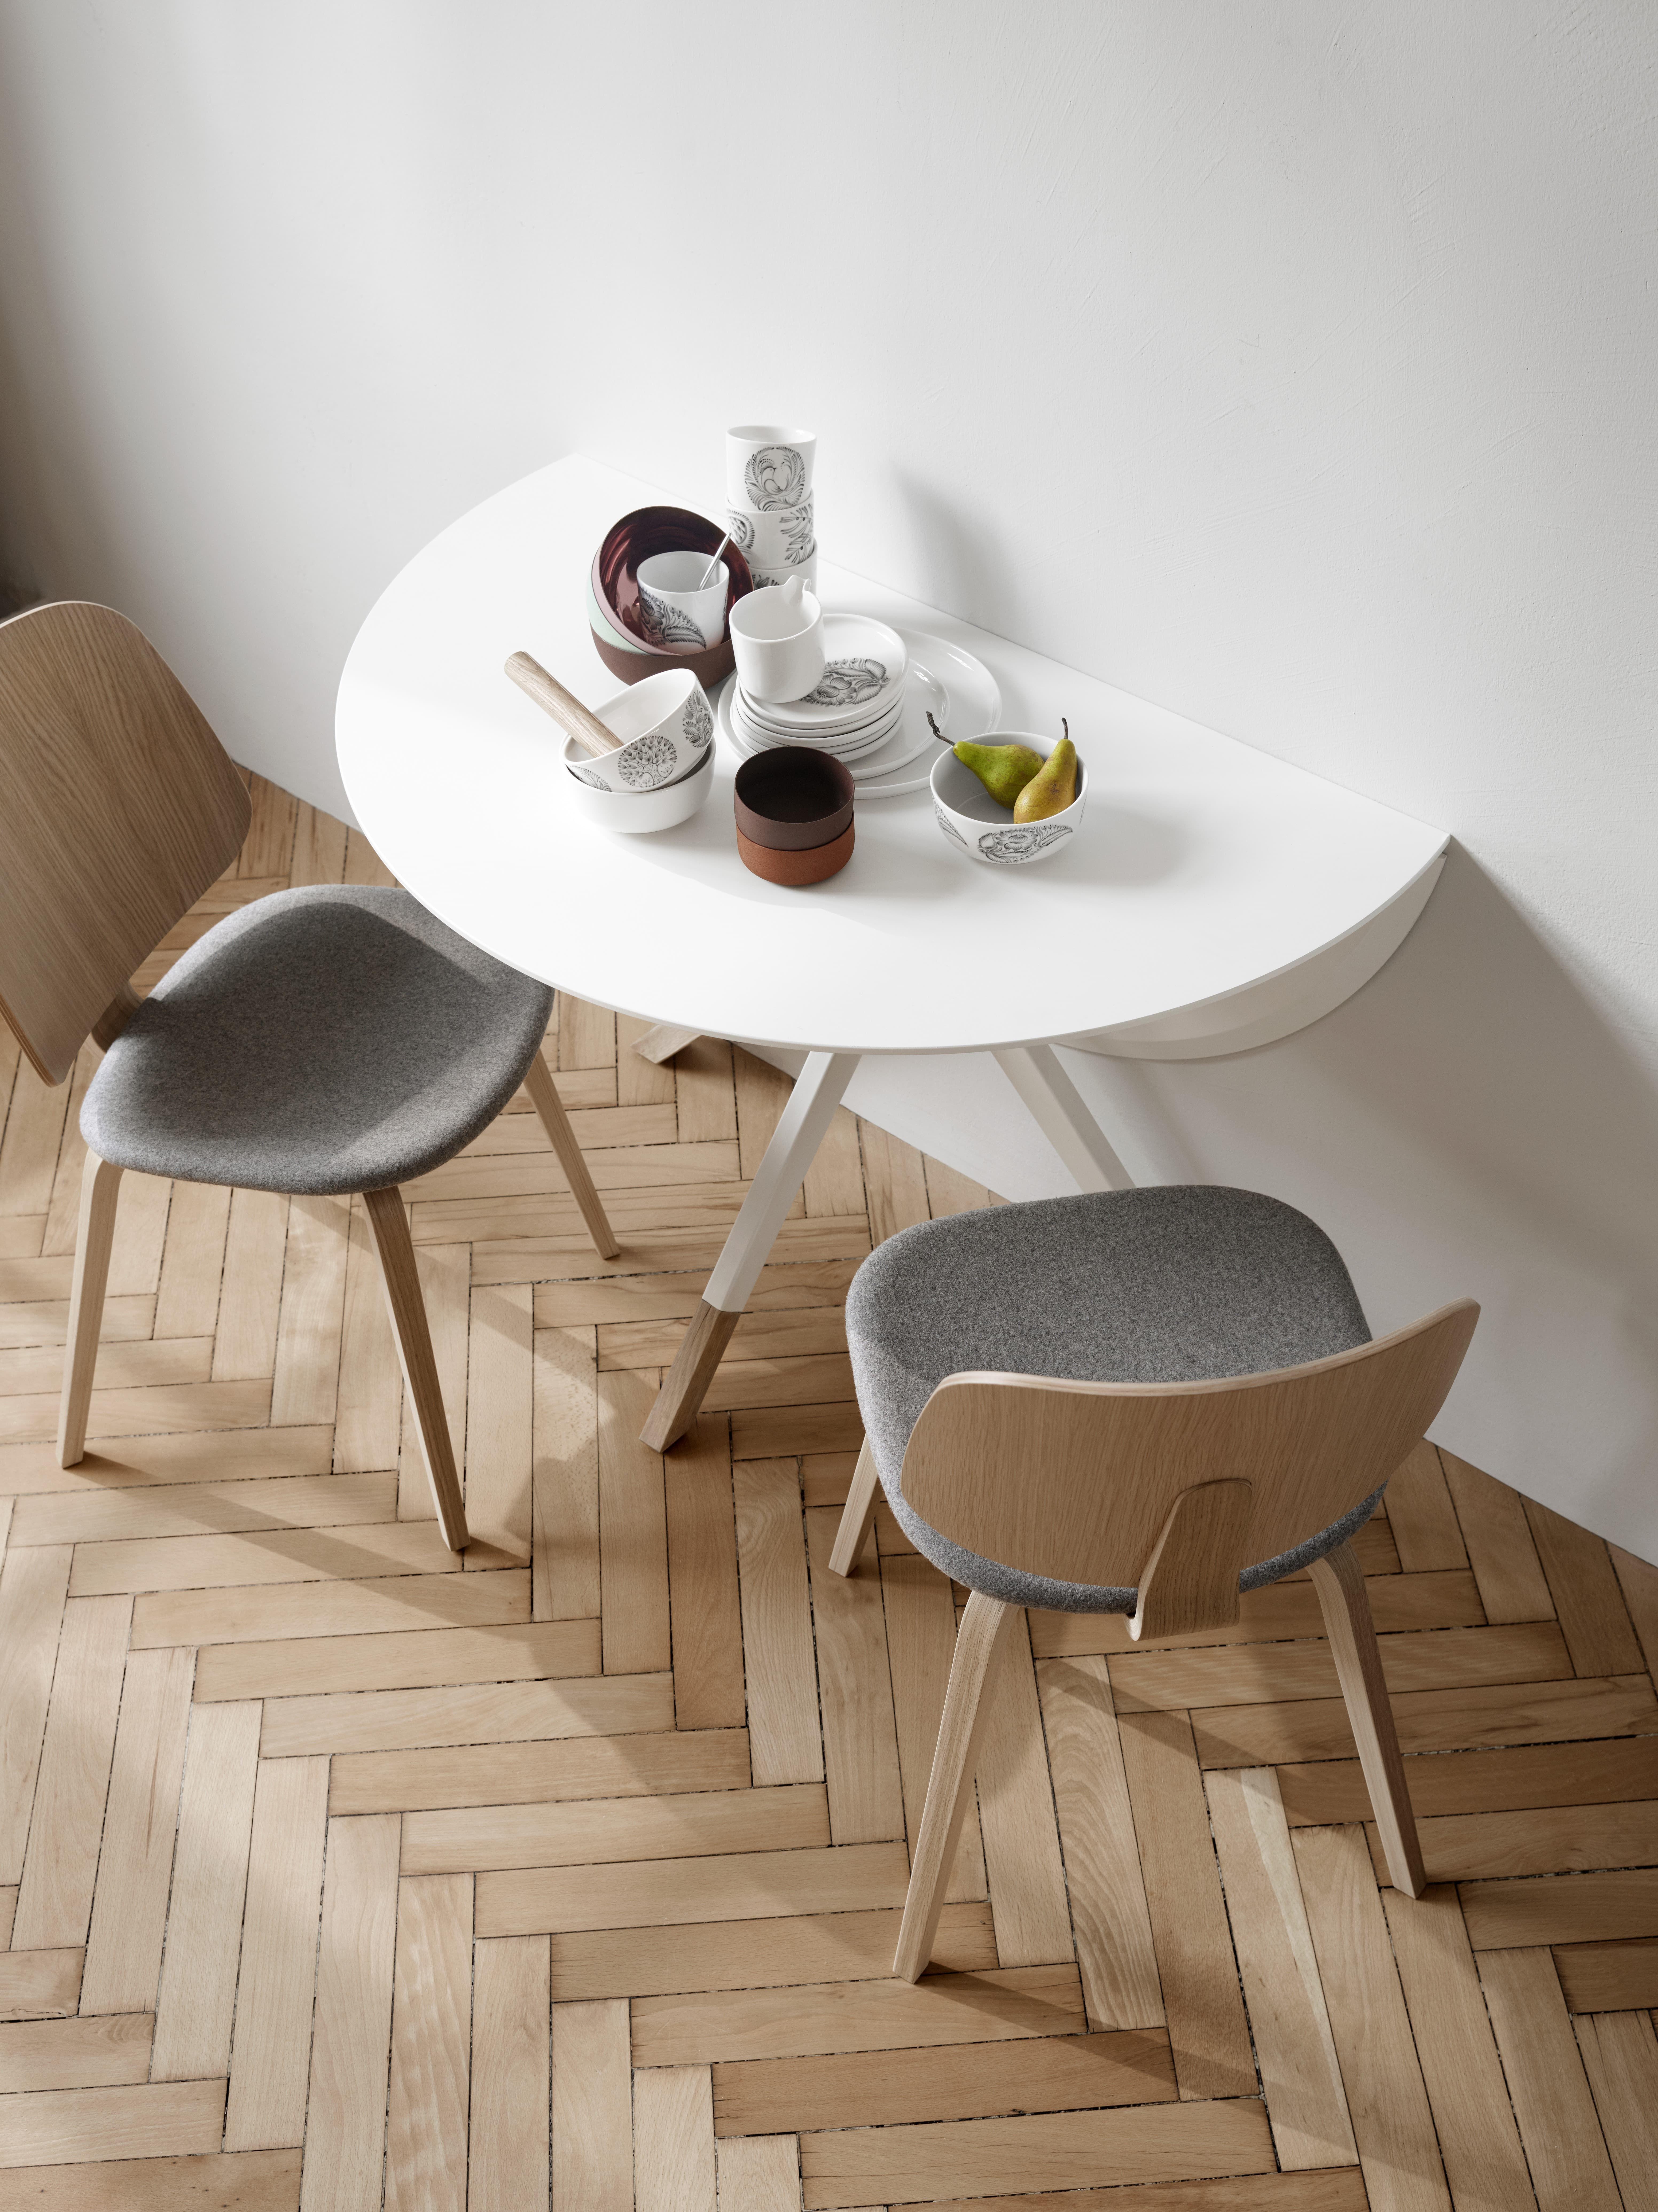 Aarhus Stühle mit Billund Tisch boconcept interiordesign